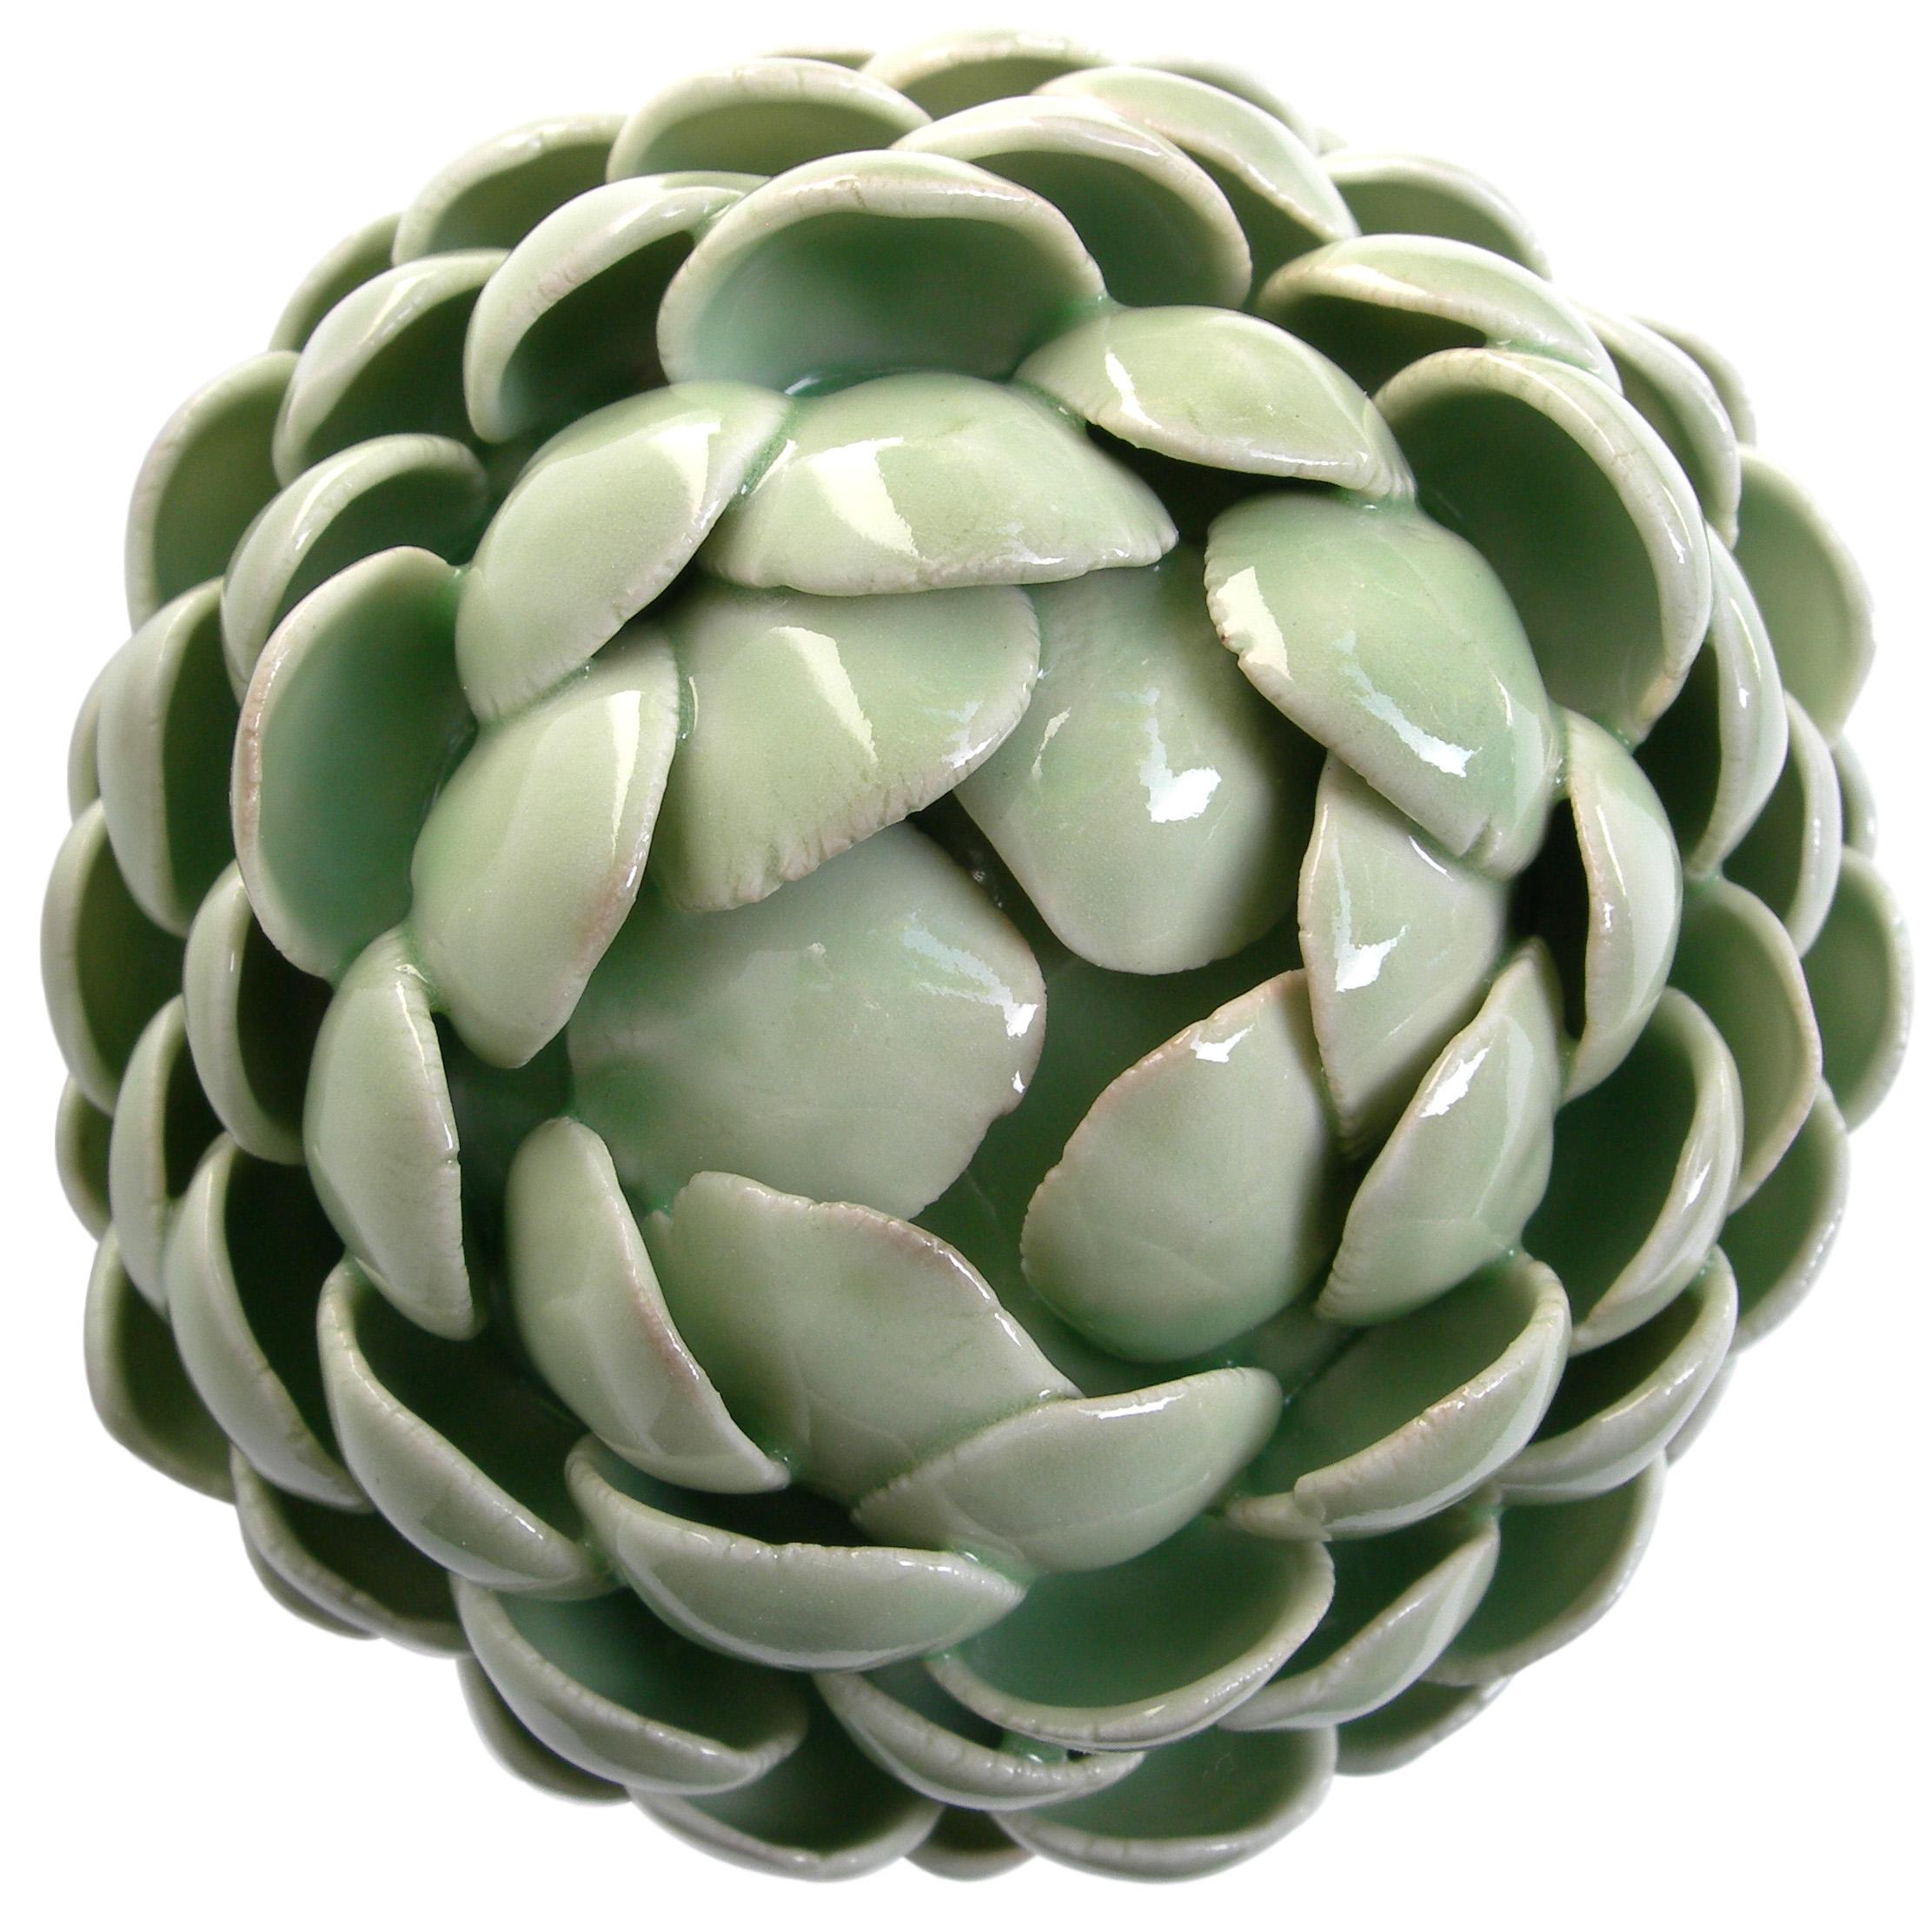 rotundus liliaceae